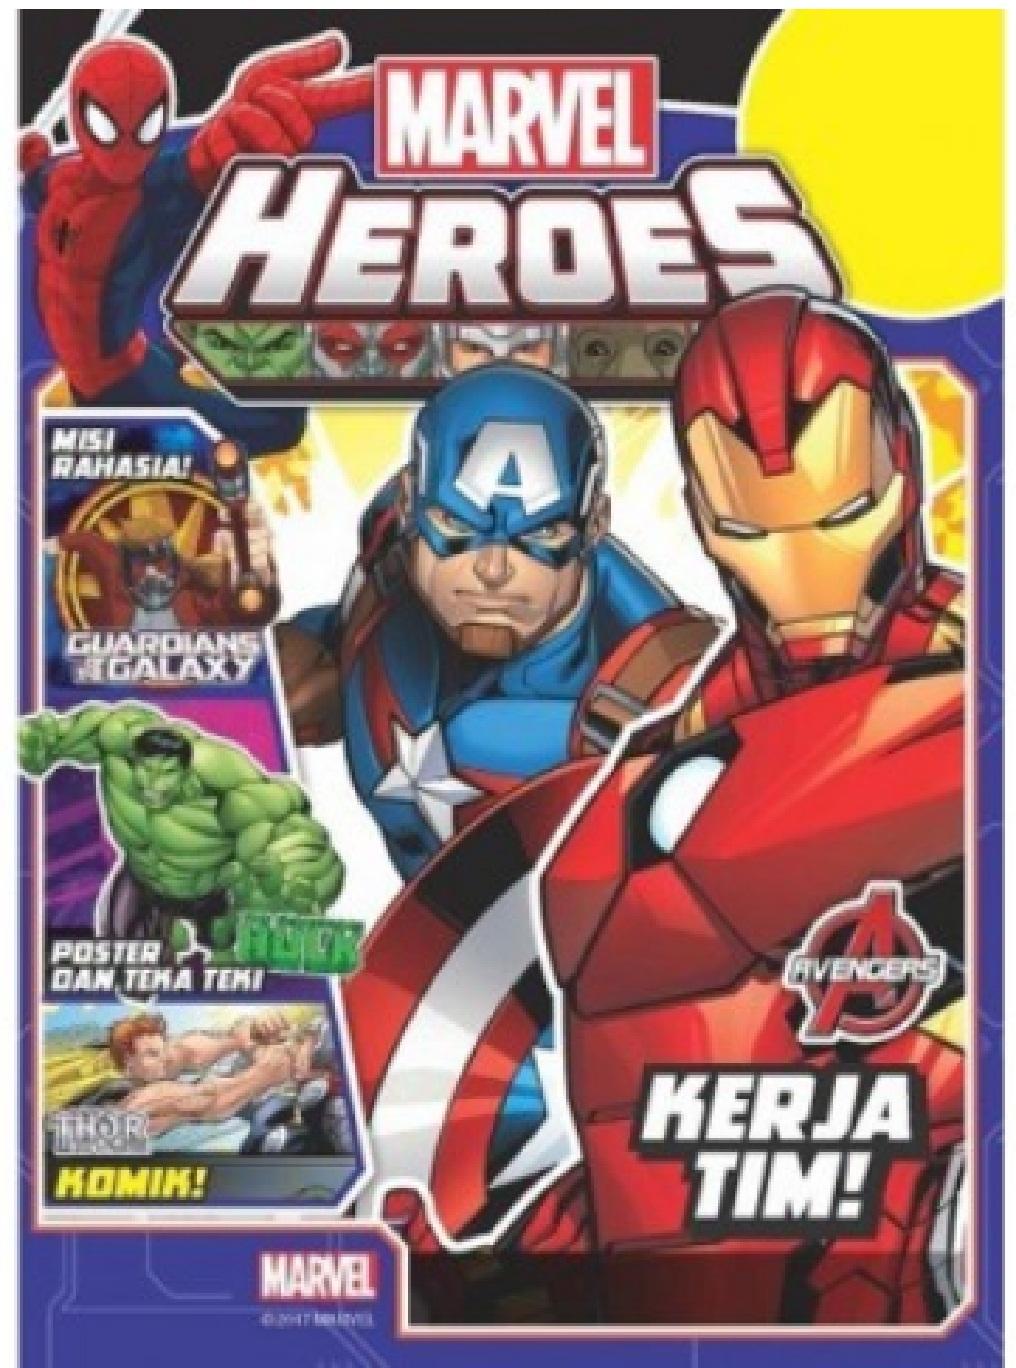 MARVEL AVENGERS AND OTHER HEROES-AVENGERS KERJA TIM! [DISNEY - Men